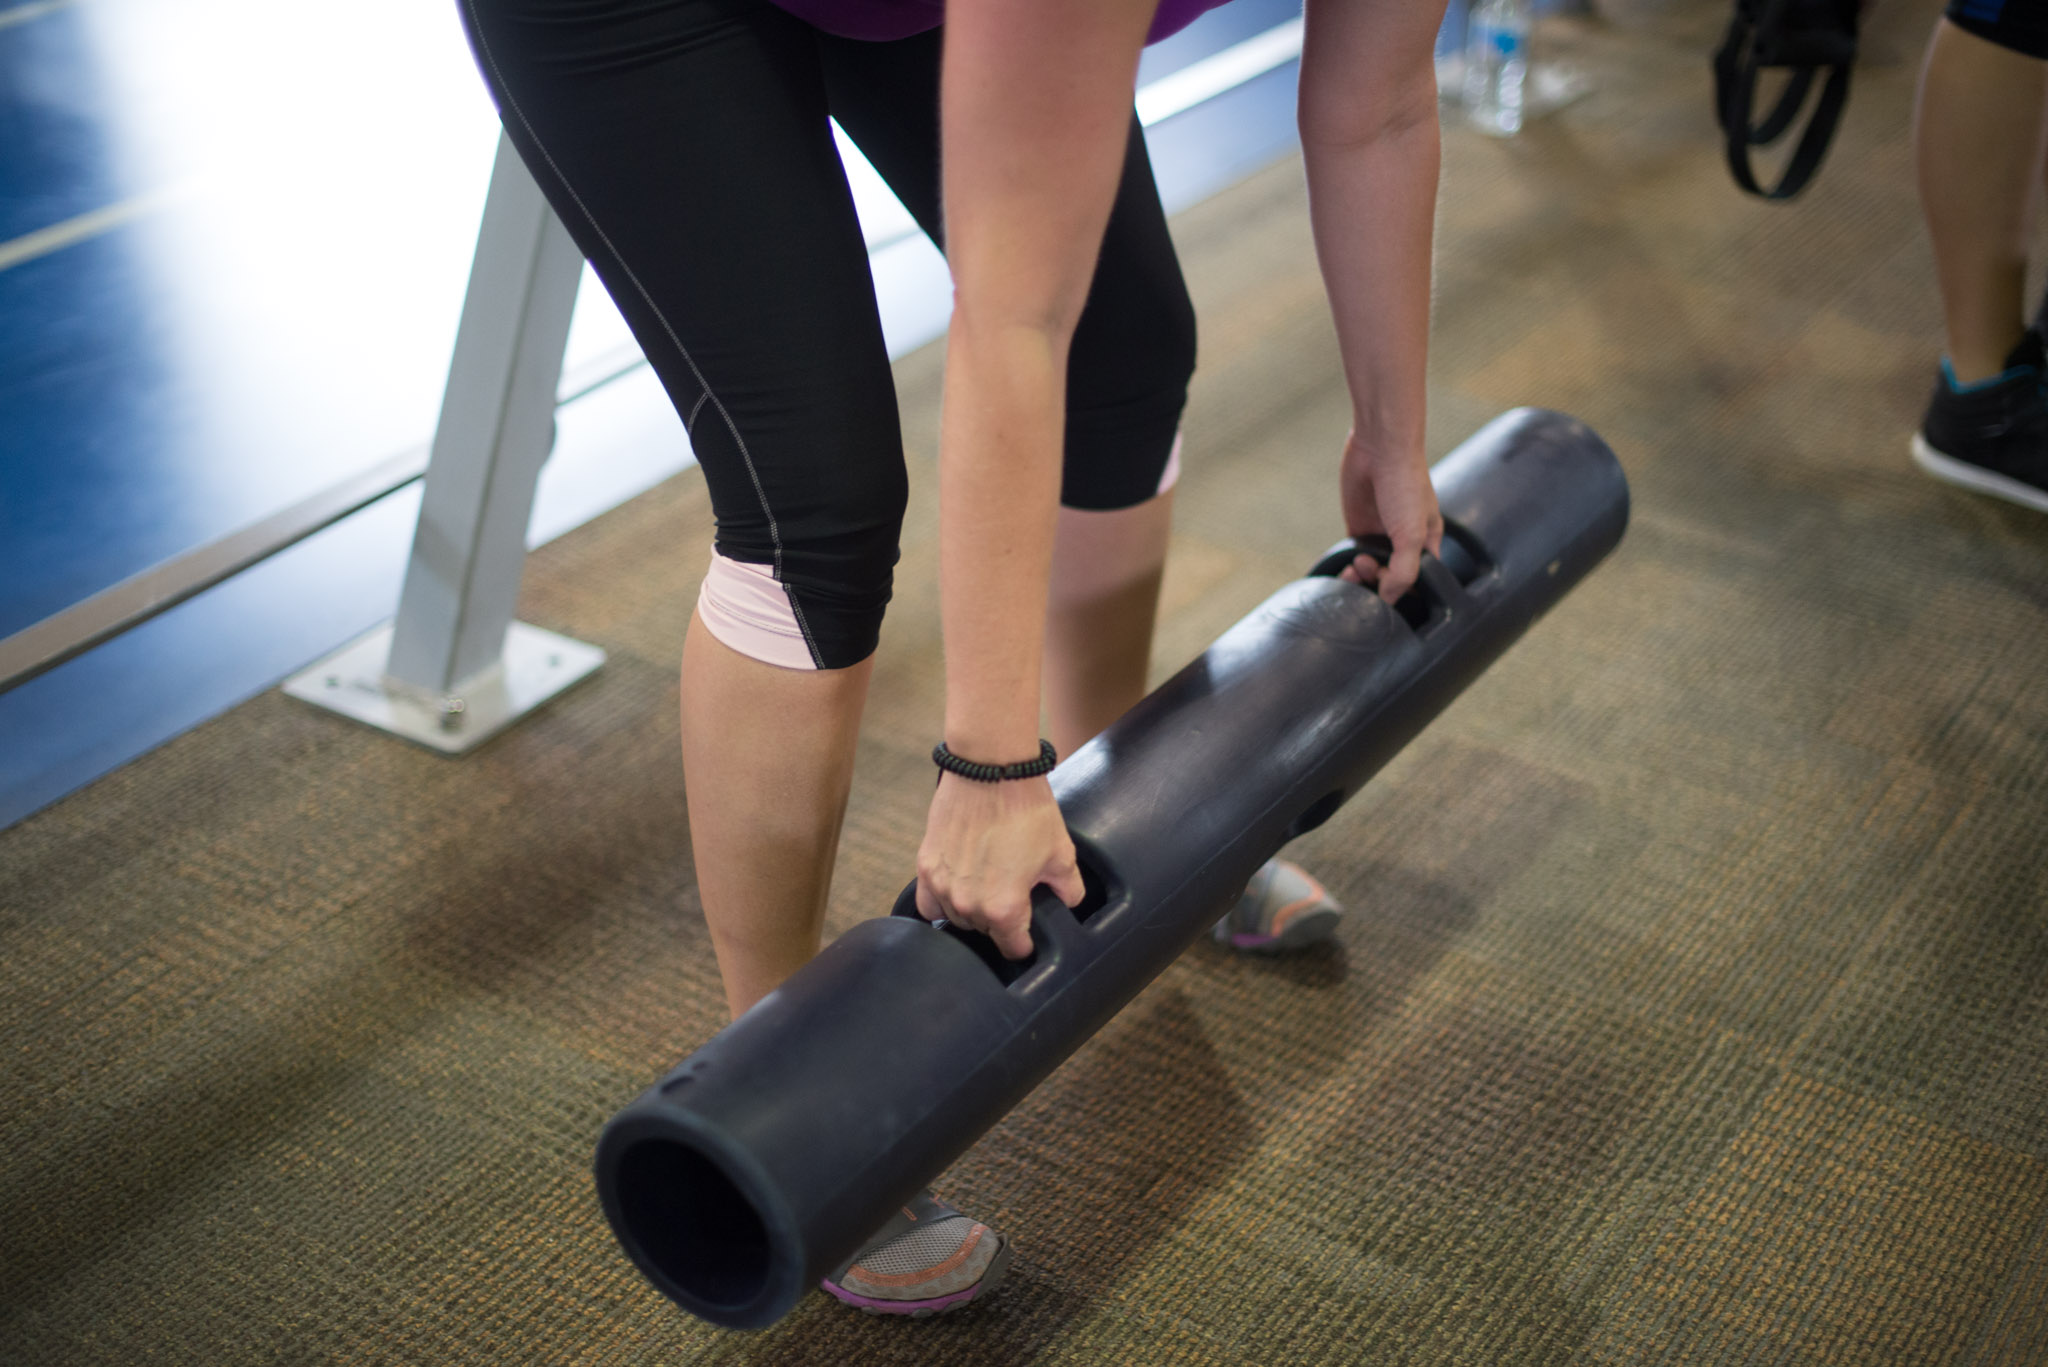 Wellness Center Stock Photos-1237.jpg